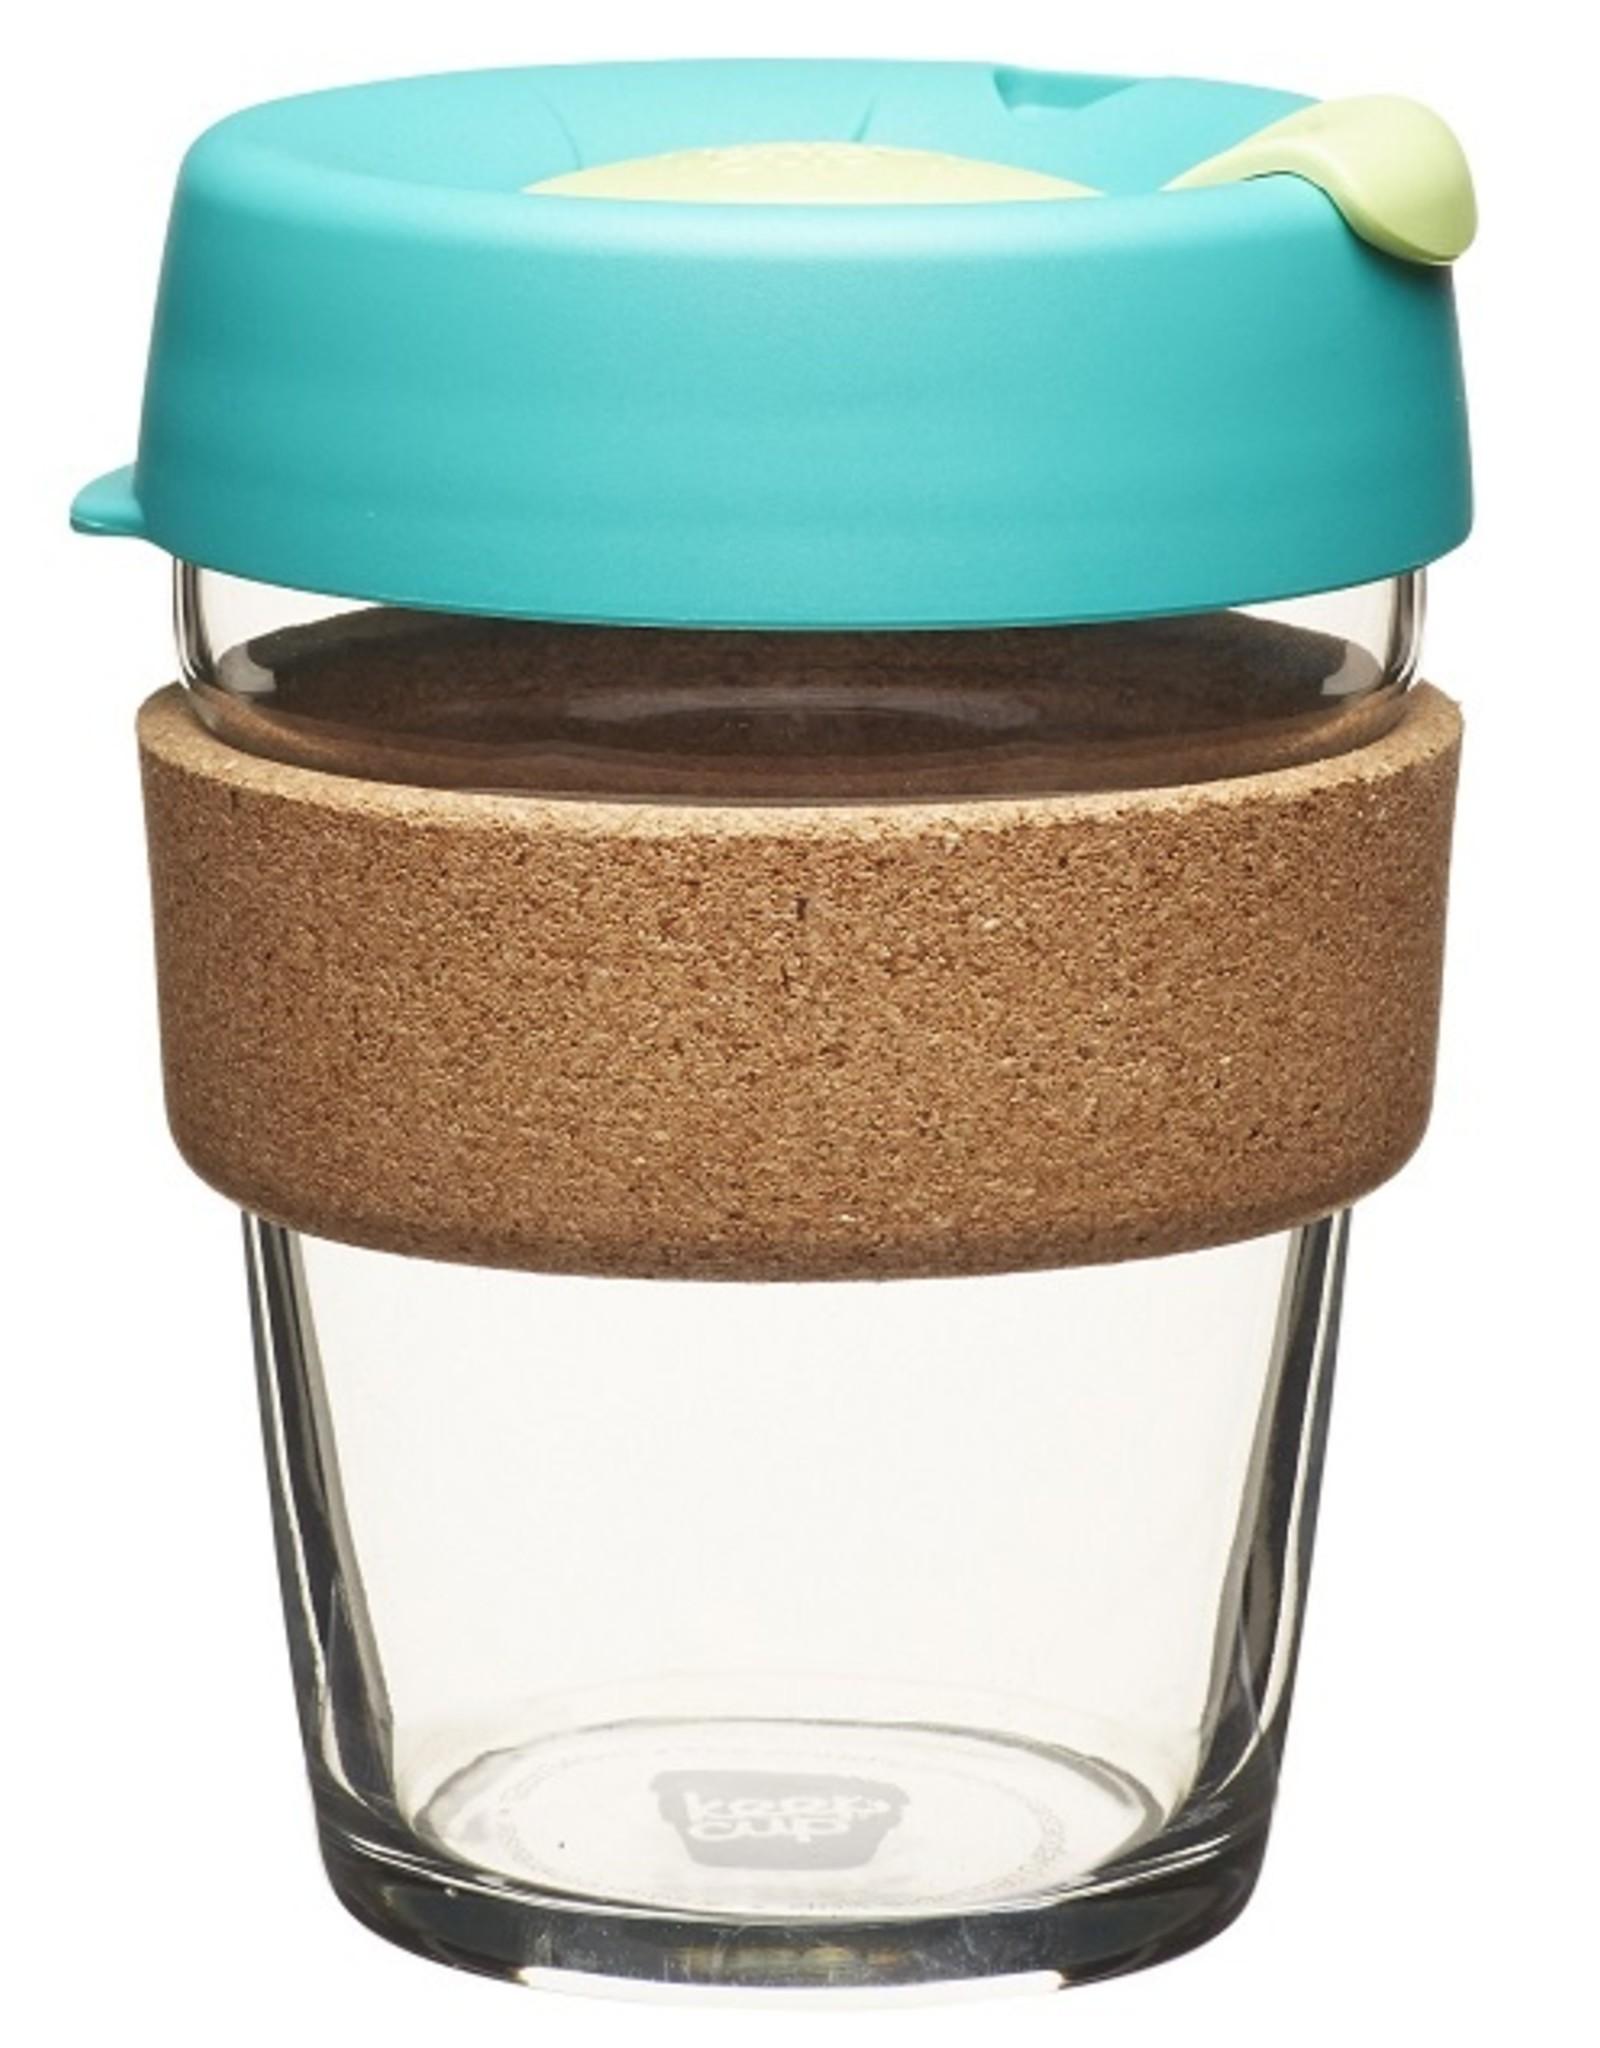 Herbruikbare glazen koffiebeker